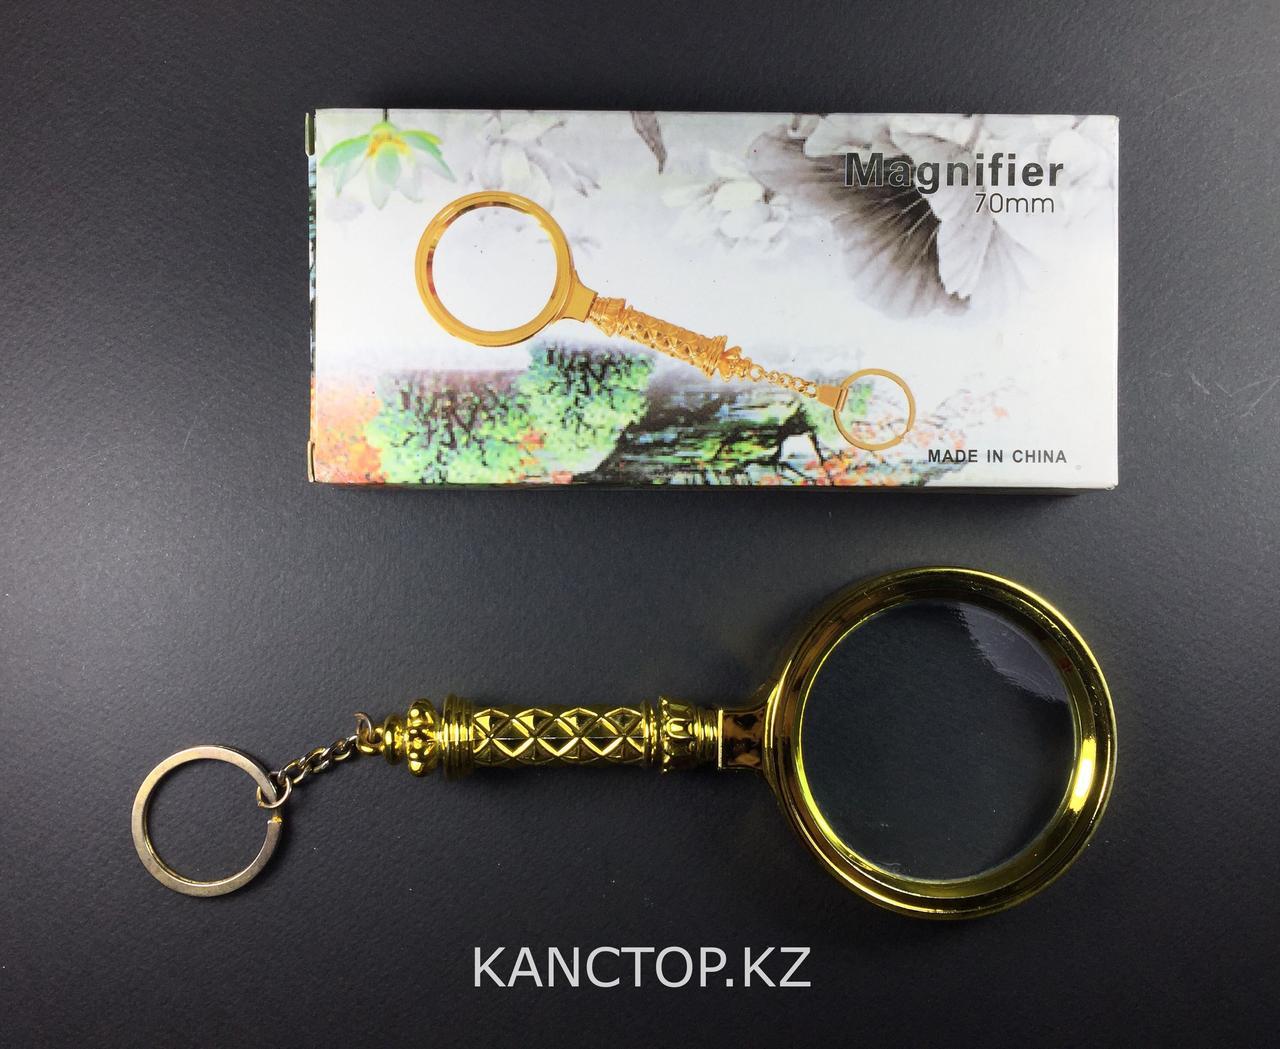 Лупа Magnifier с брелком позолоченная 70 мм